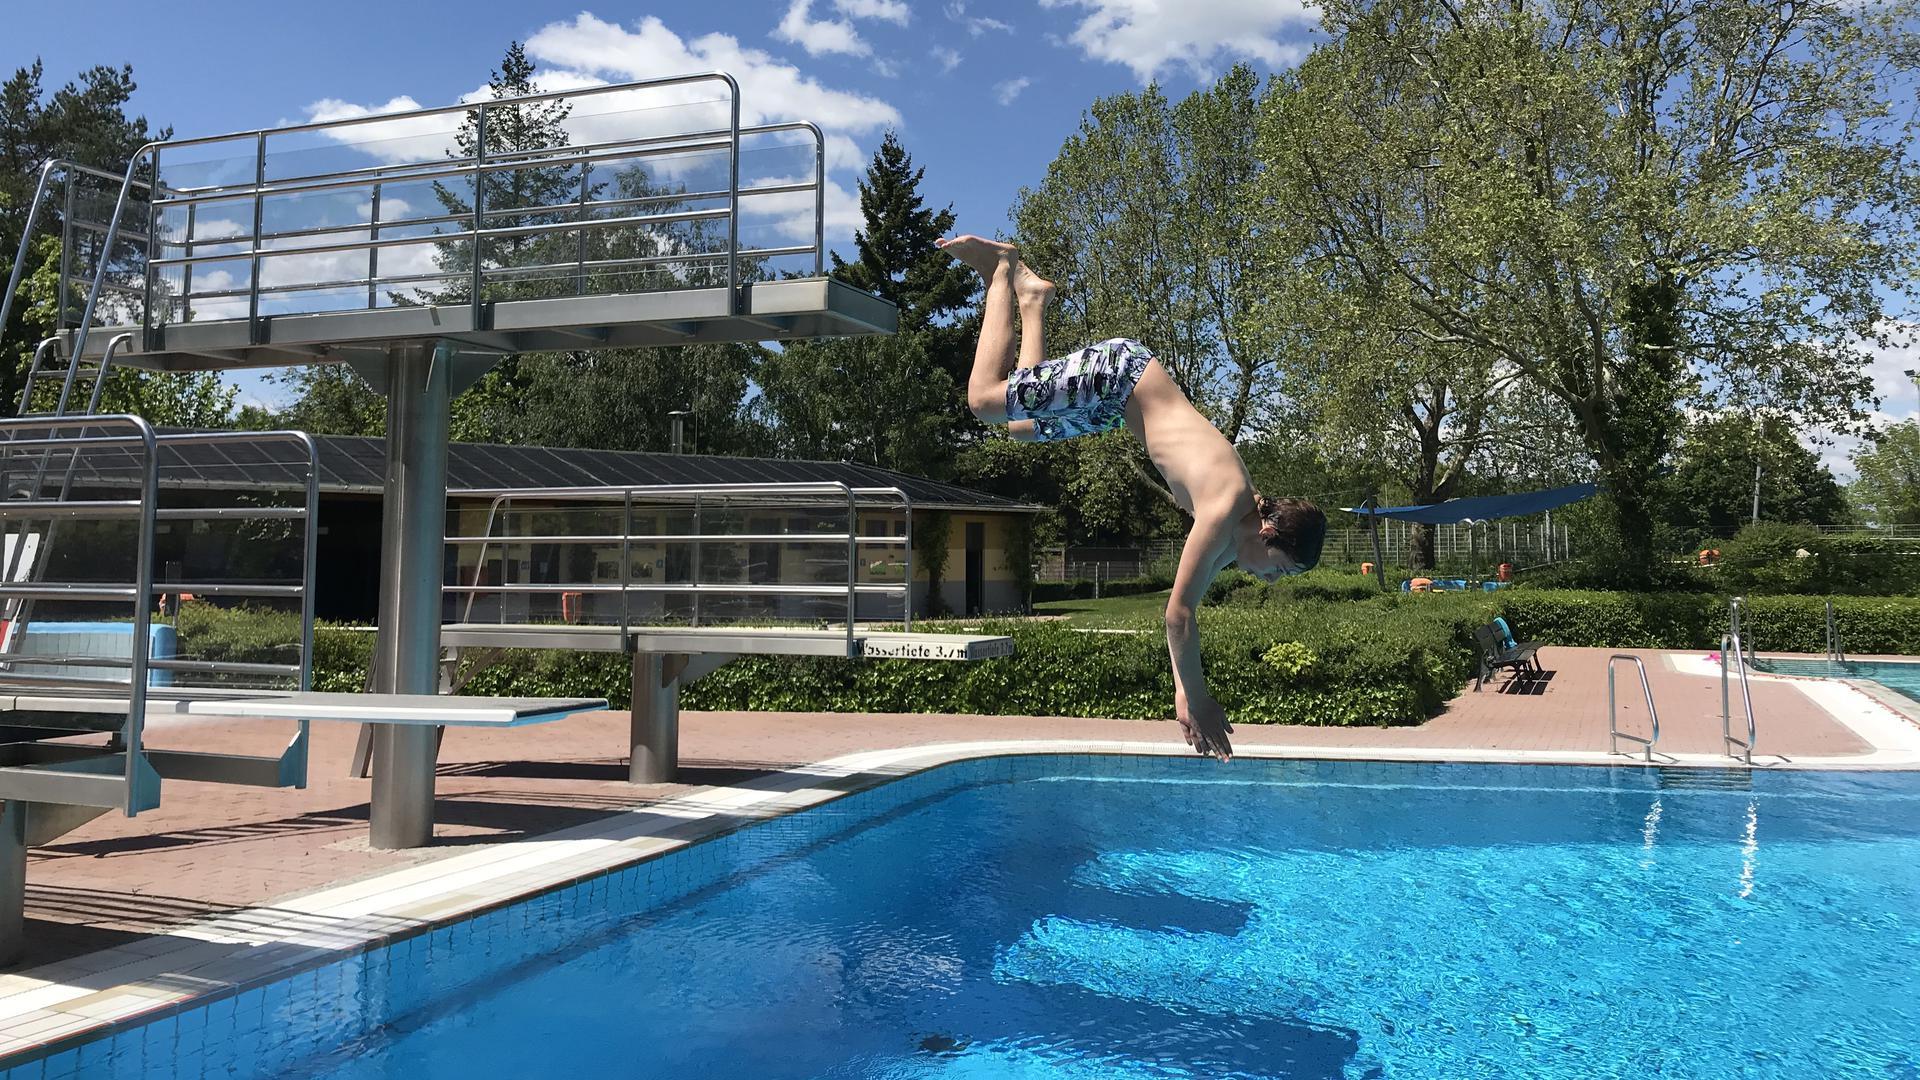 ein Junge springt kopfüber ins Wasser